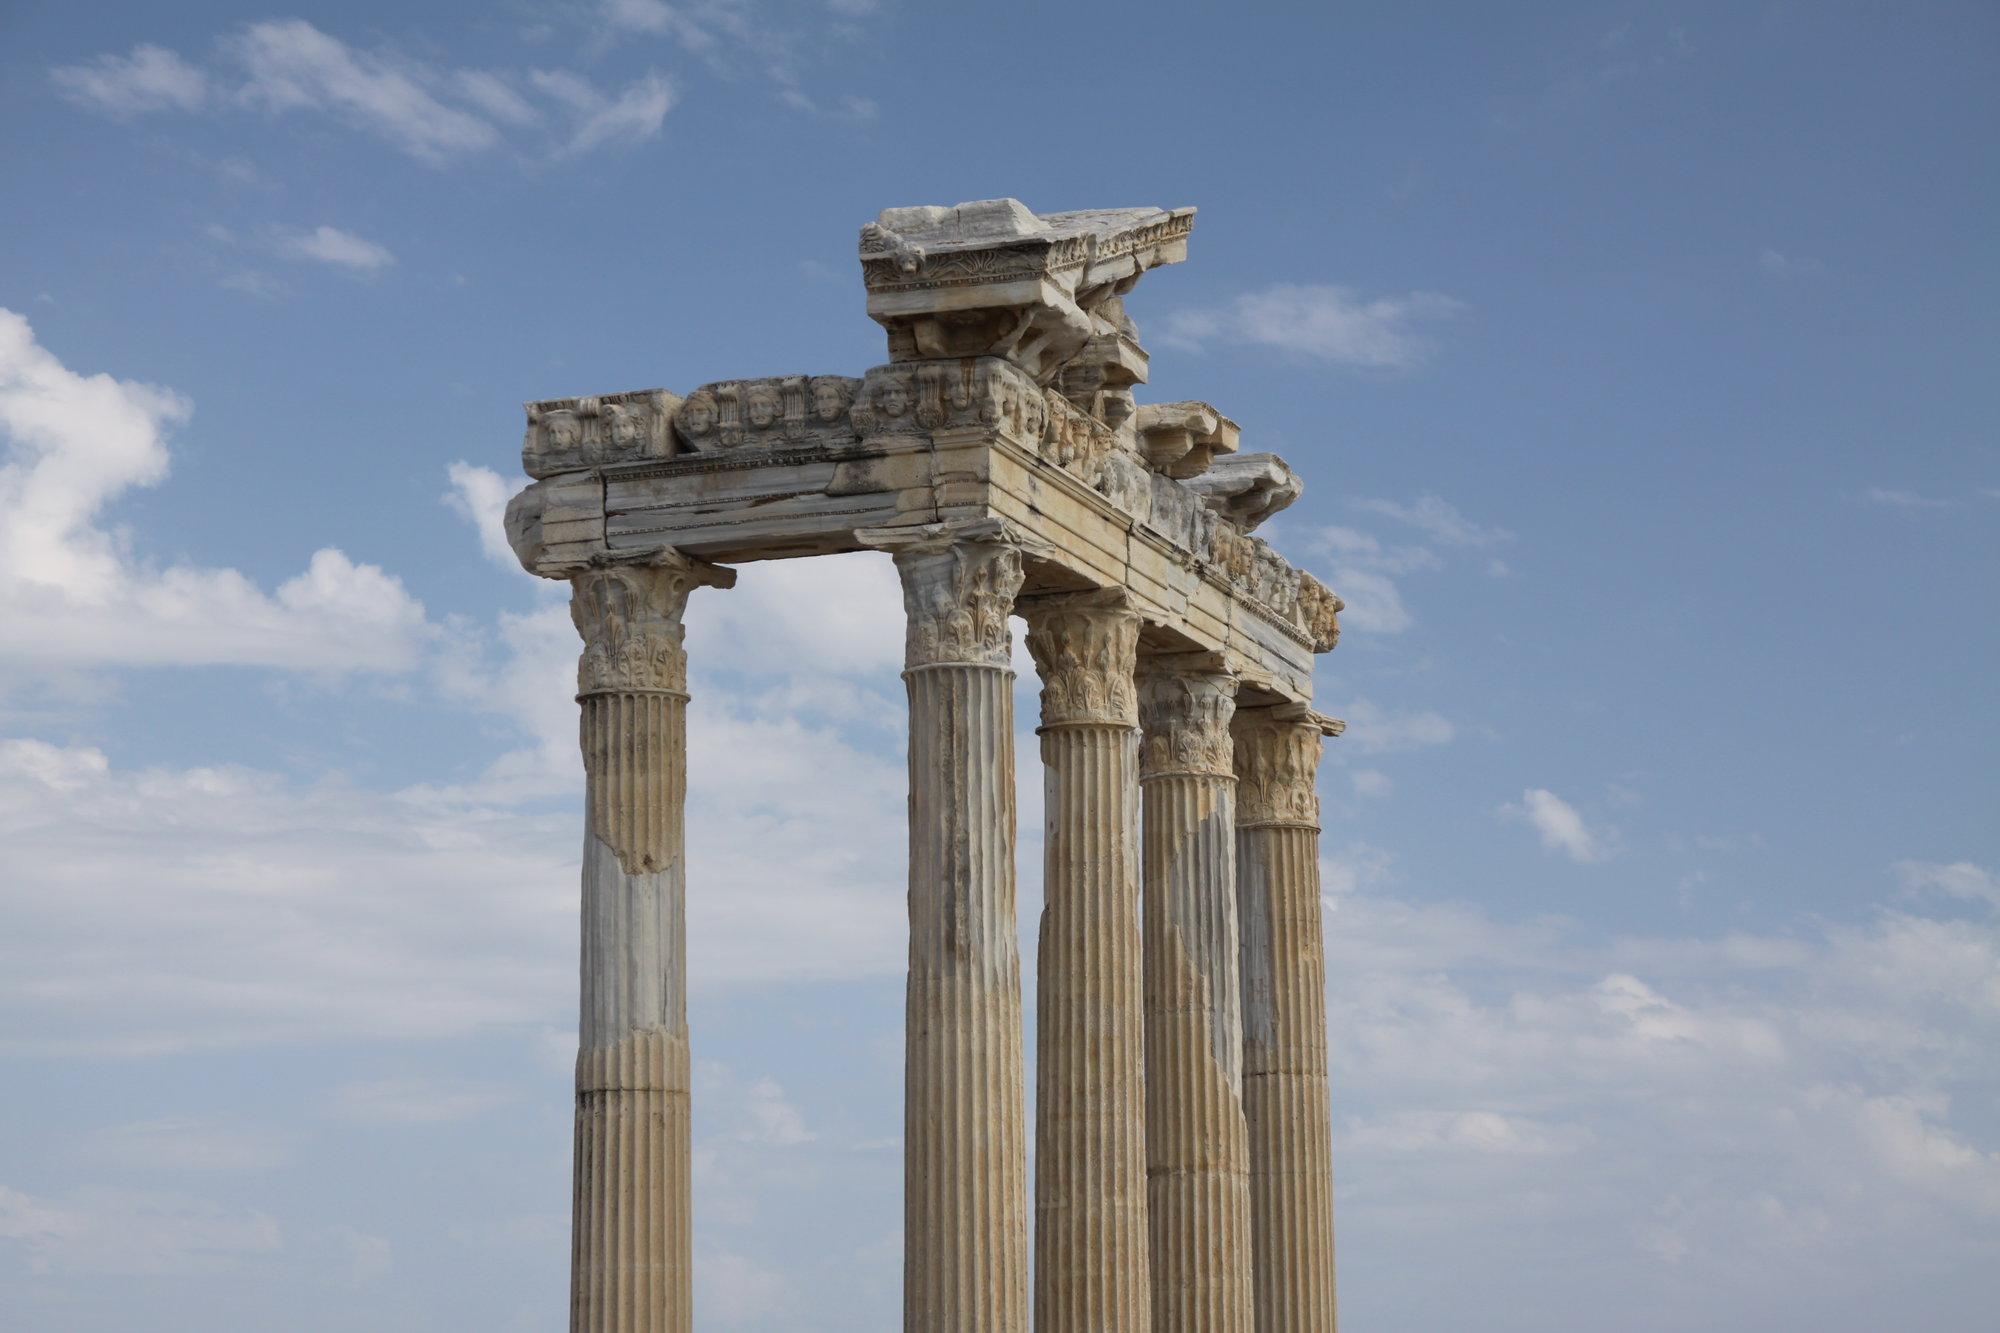 колонны храма Аполлона